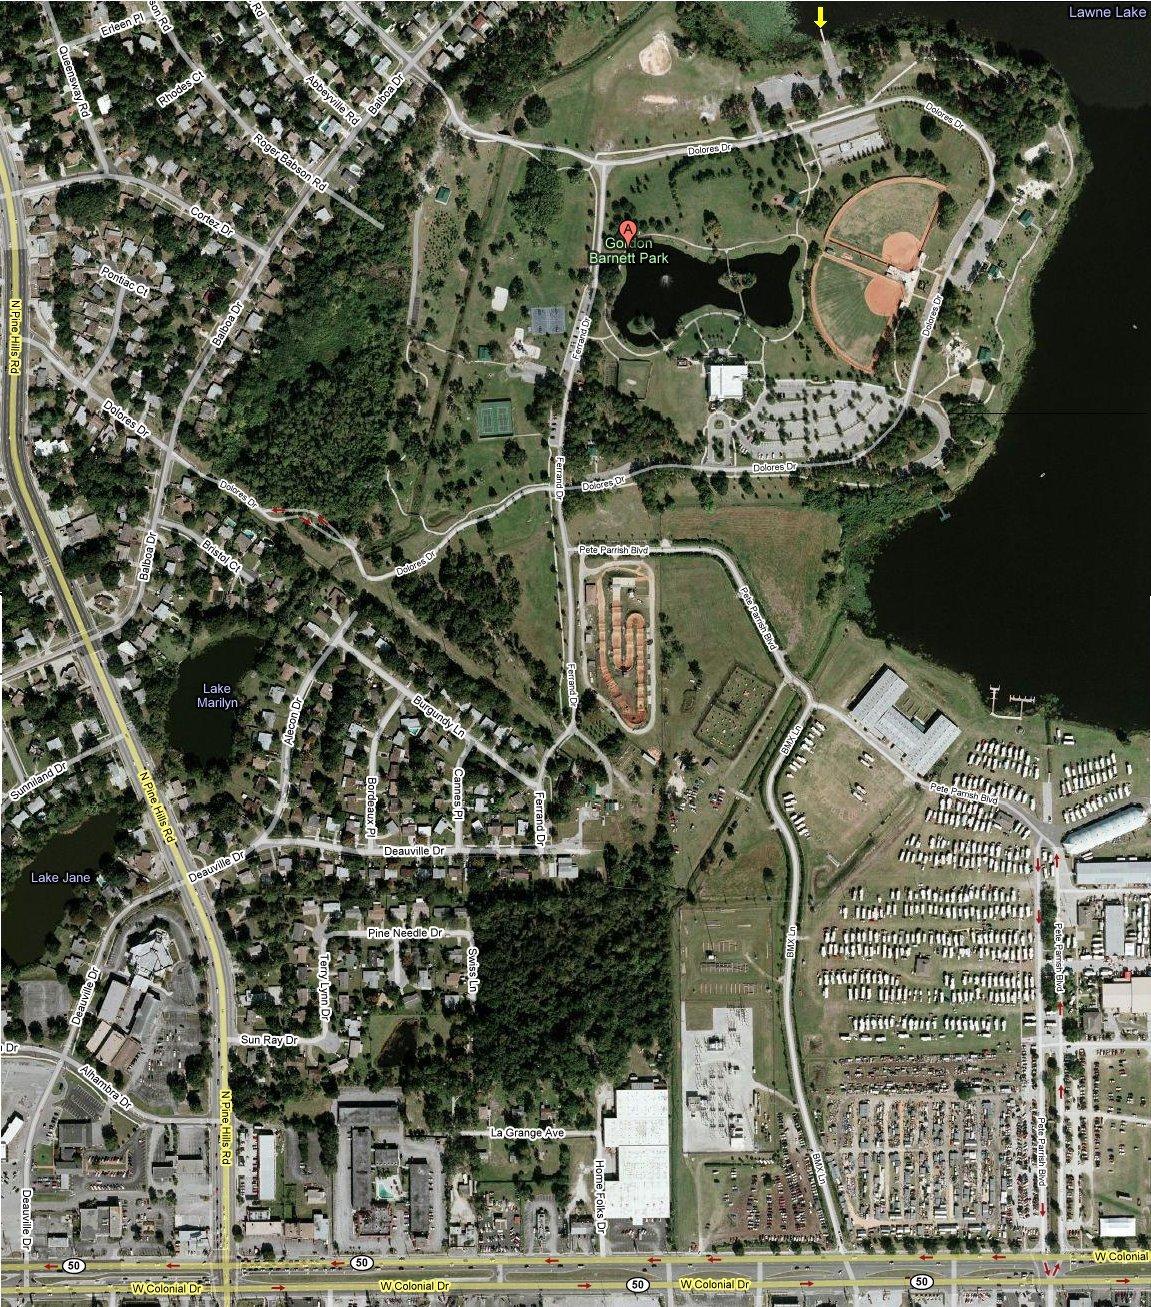 Lake Lawne Satellite Map Lake Lawne Mappery - Google map satellite map